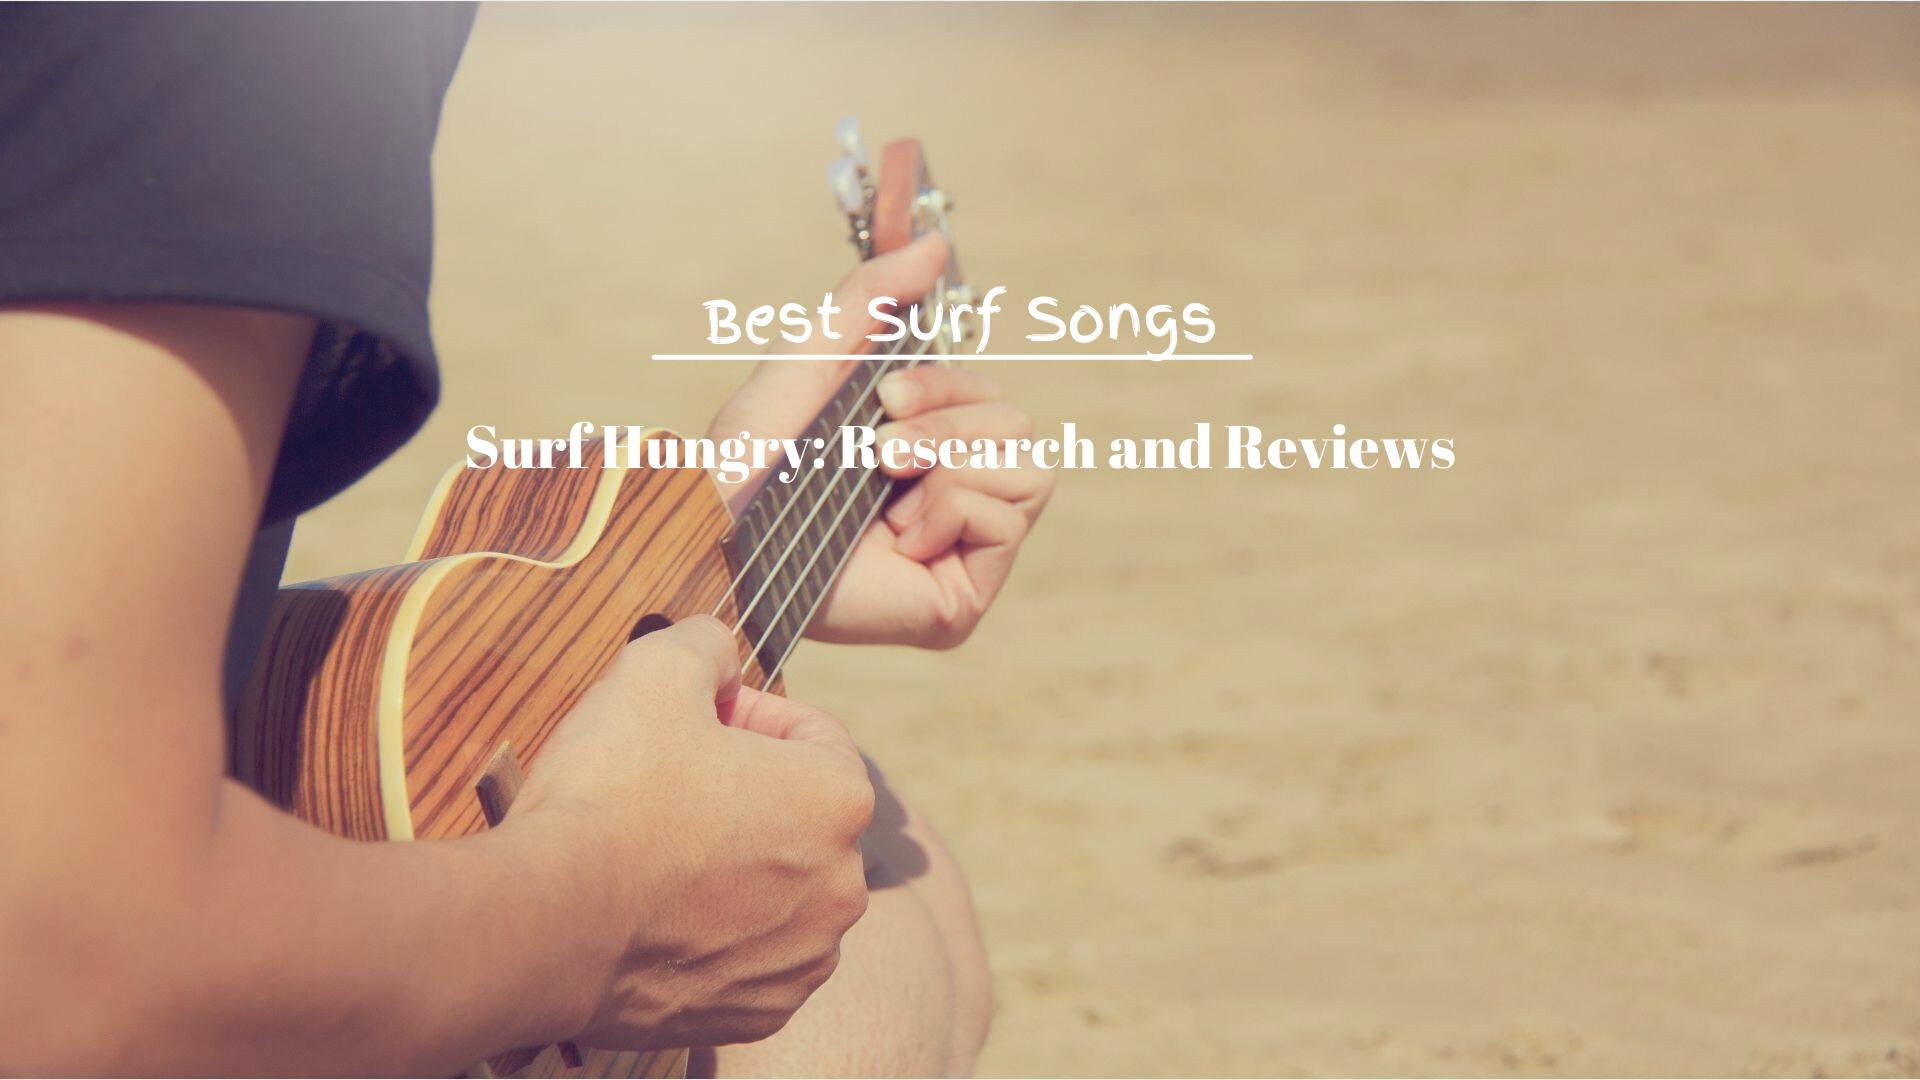 Best Surf Songs